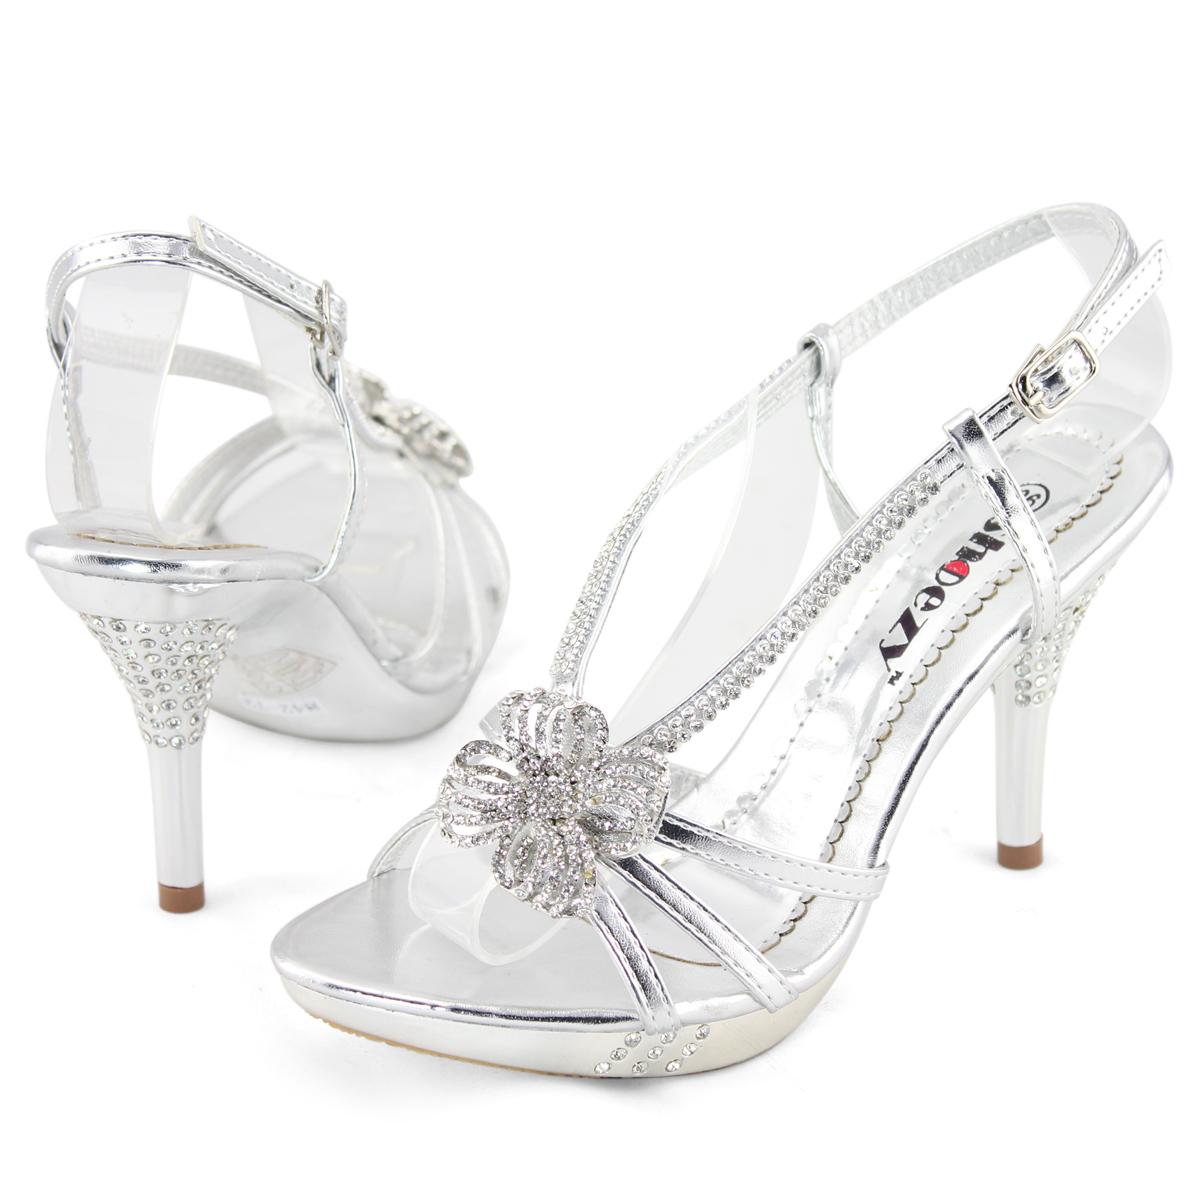 shoezy womens silver diamante platform pumps evening prom